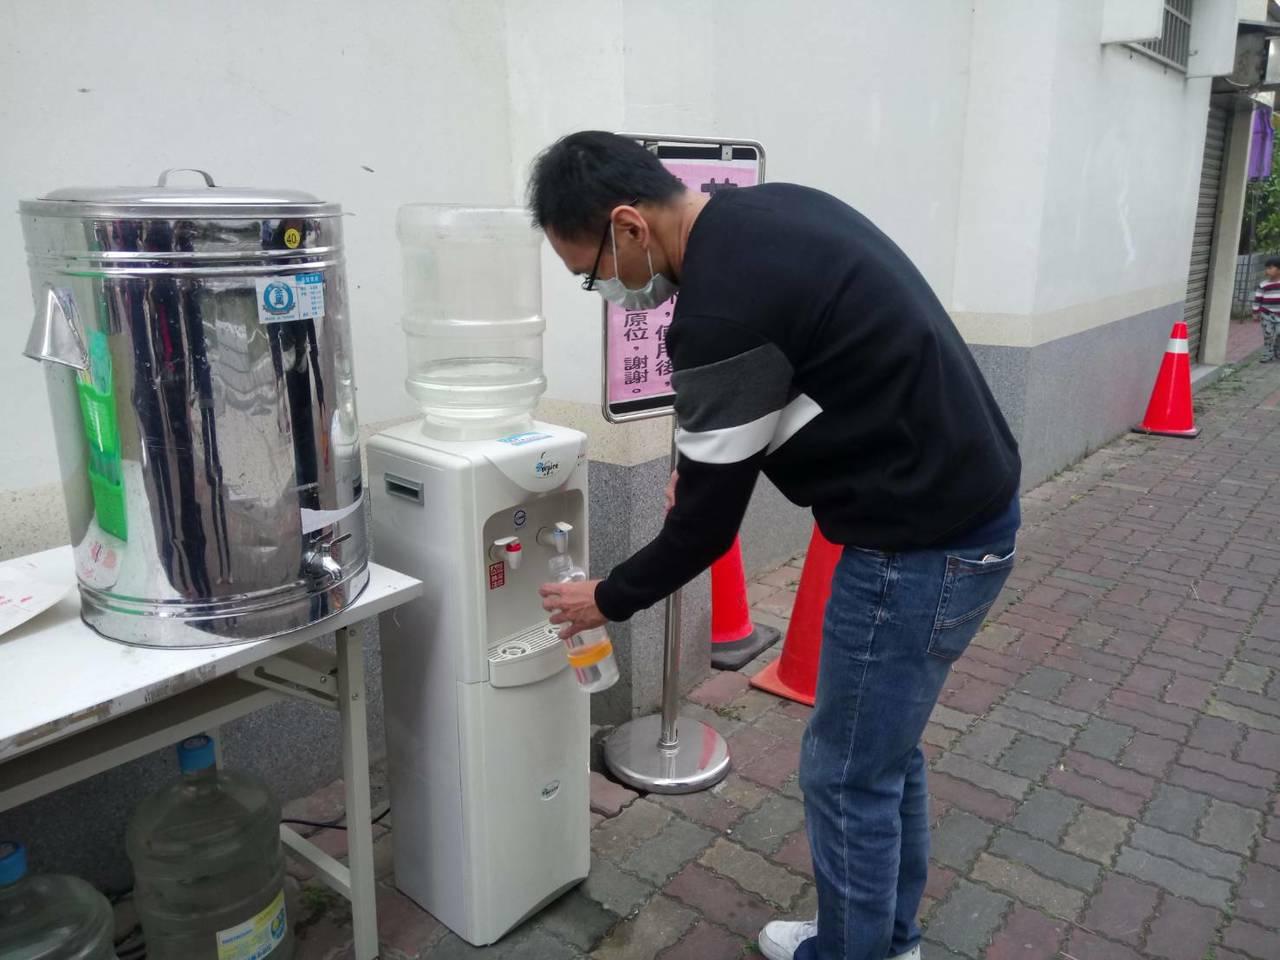 台南崑山國小昨天校慶,現場有環保杯免費借用站及飲用水,避免使用大量一次性塑膠杯或...